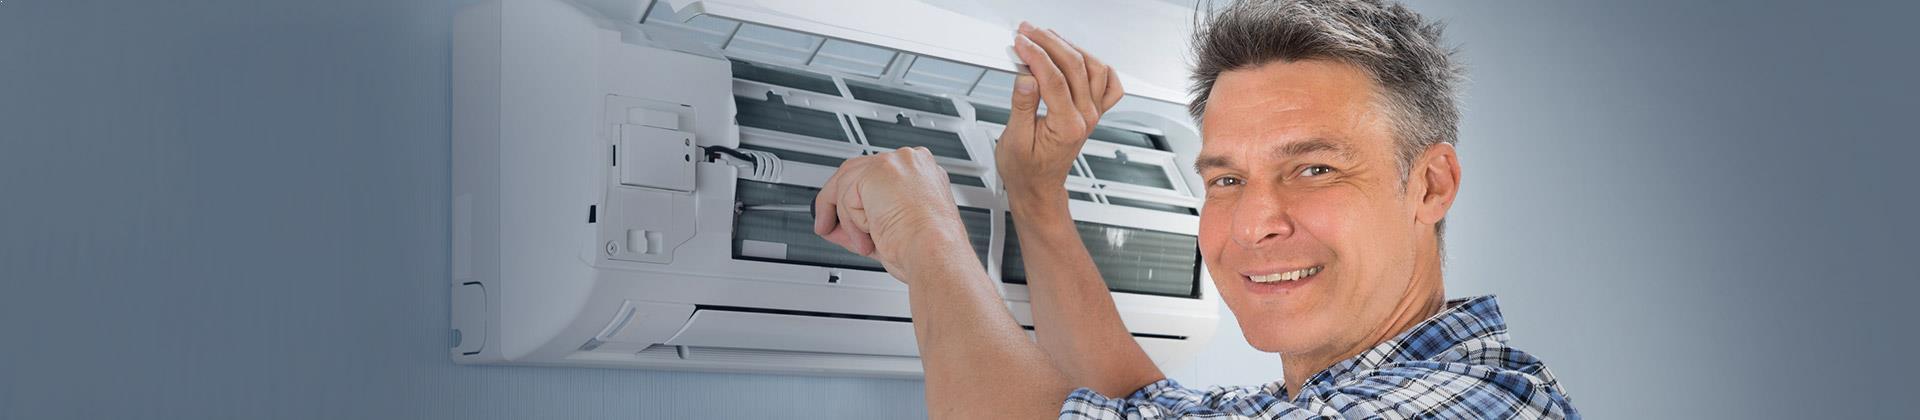 Veramix - Montaż|Sprzedaż|Serwis klimatyzacji marek Sevra, LG, Mitsubishi, Toshiba